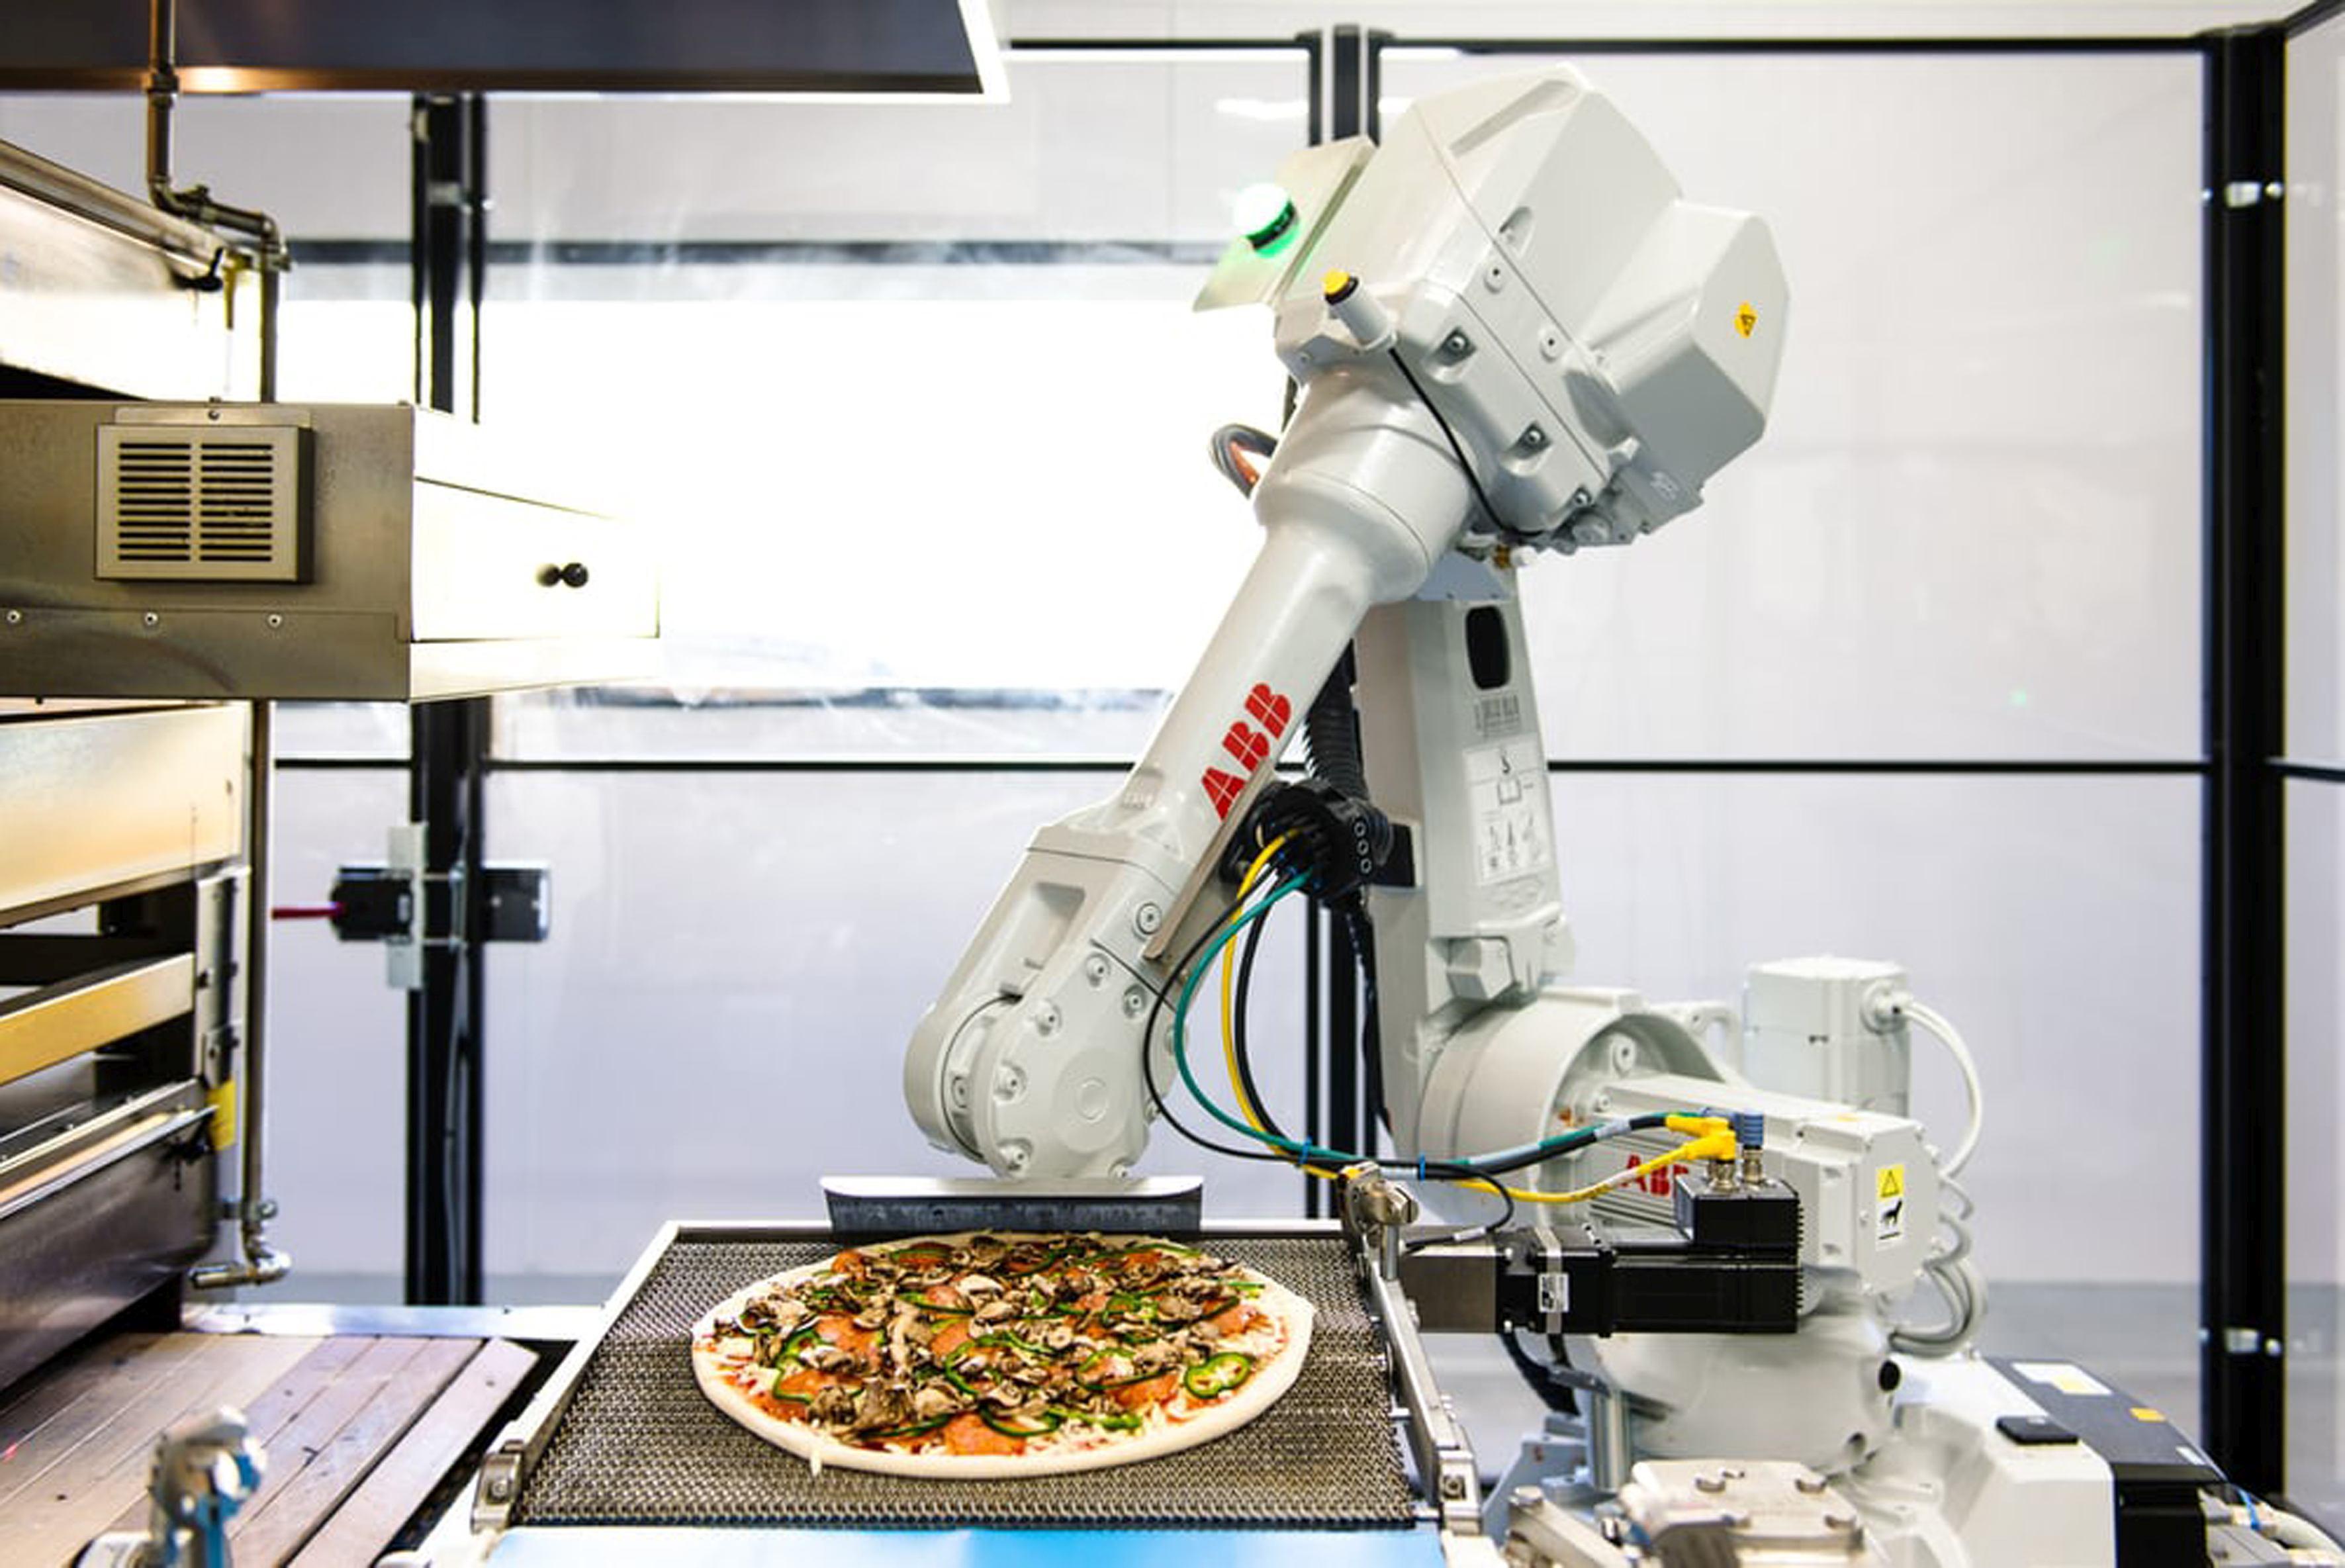 Pizza coaptă direct în camioneta de livrare. Business-ul care vrea să cucerească o piaţă de 38 mil. dolari